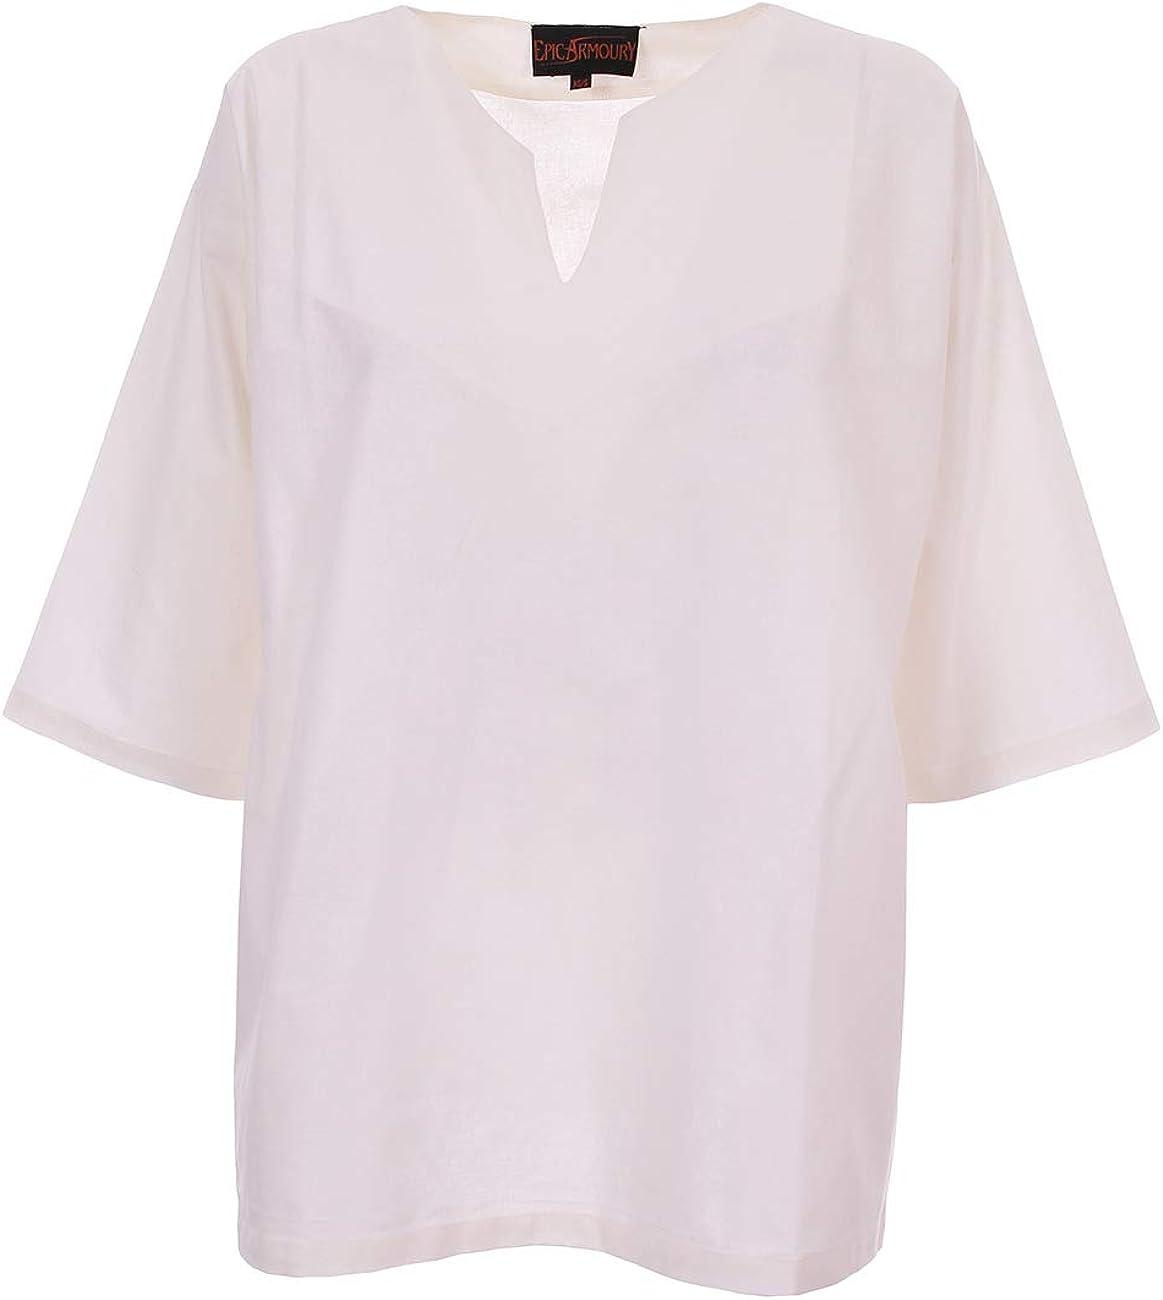 JapanAttitude Camisa Blanca de Algodón Antigua Imperial GN Blanco Blanco XL/XXL: Amazon.es: Juguetes y juegos